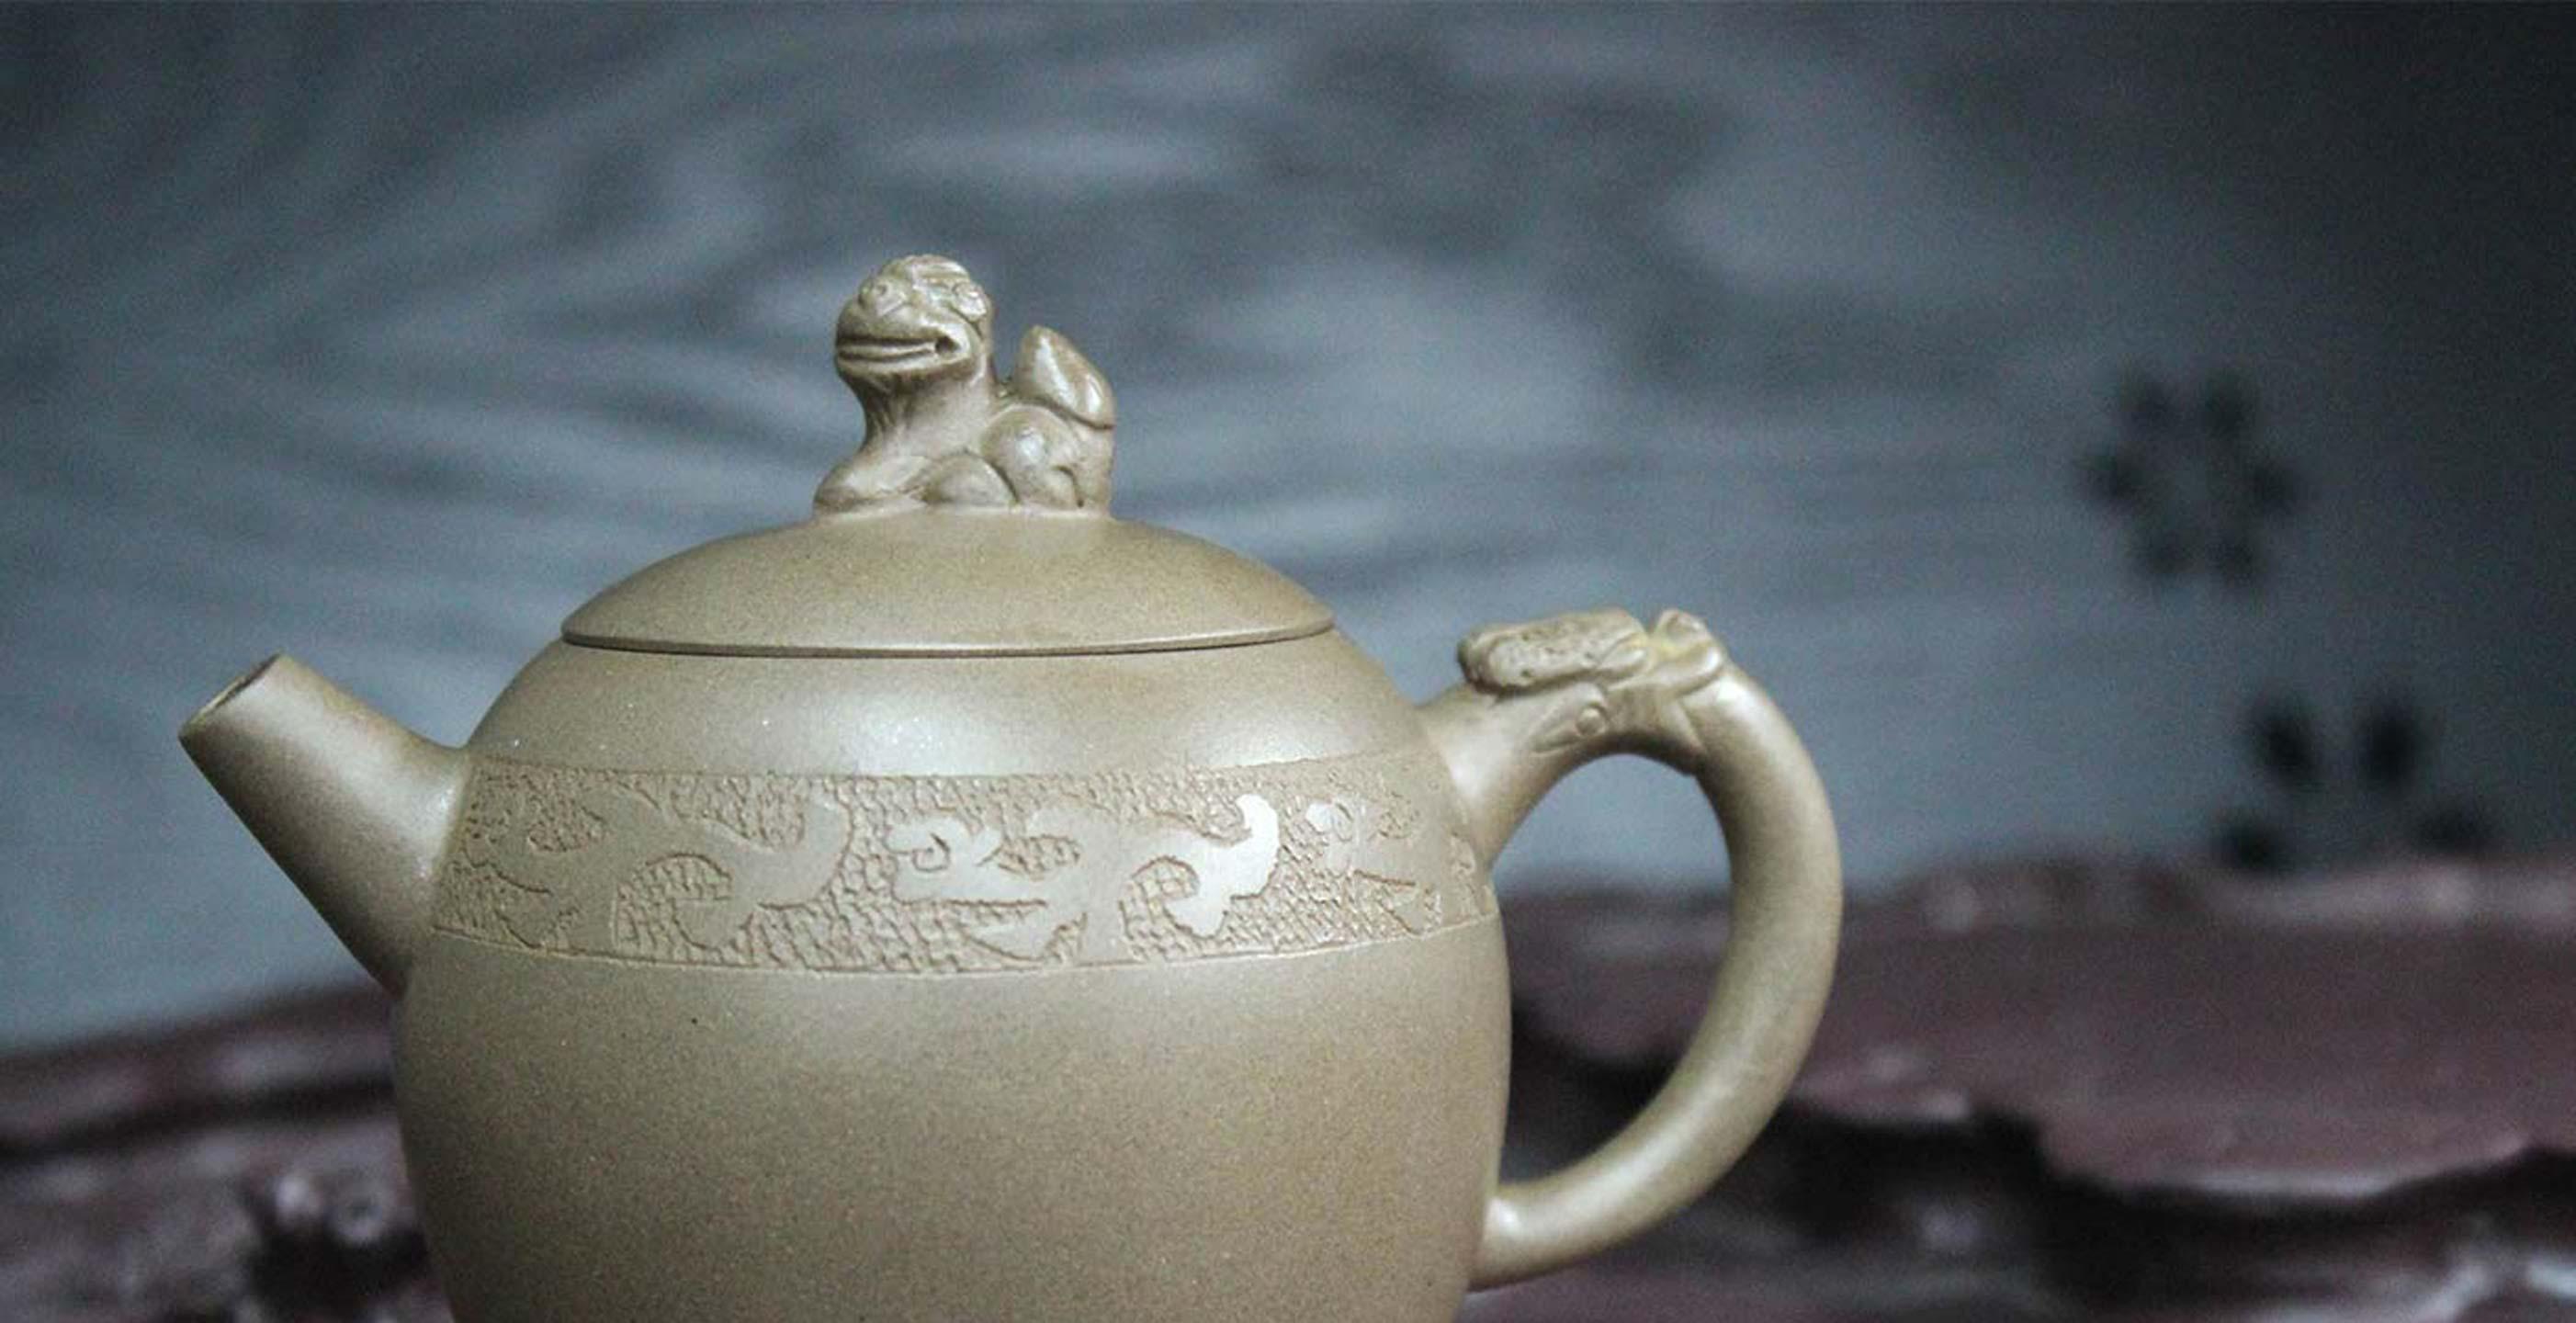 How to Season an Yixing Teapot